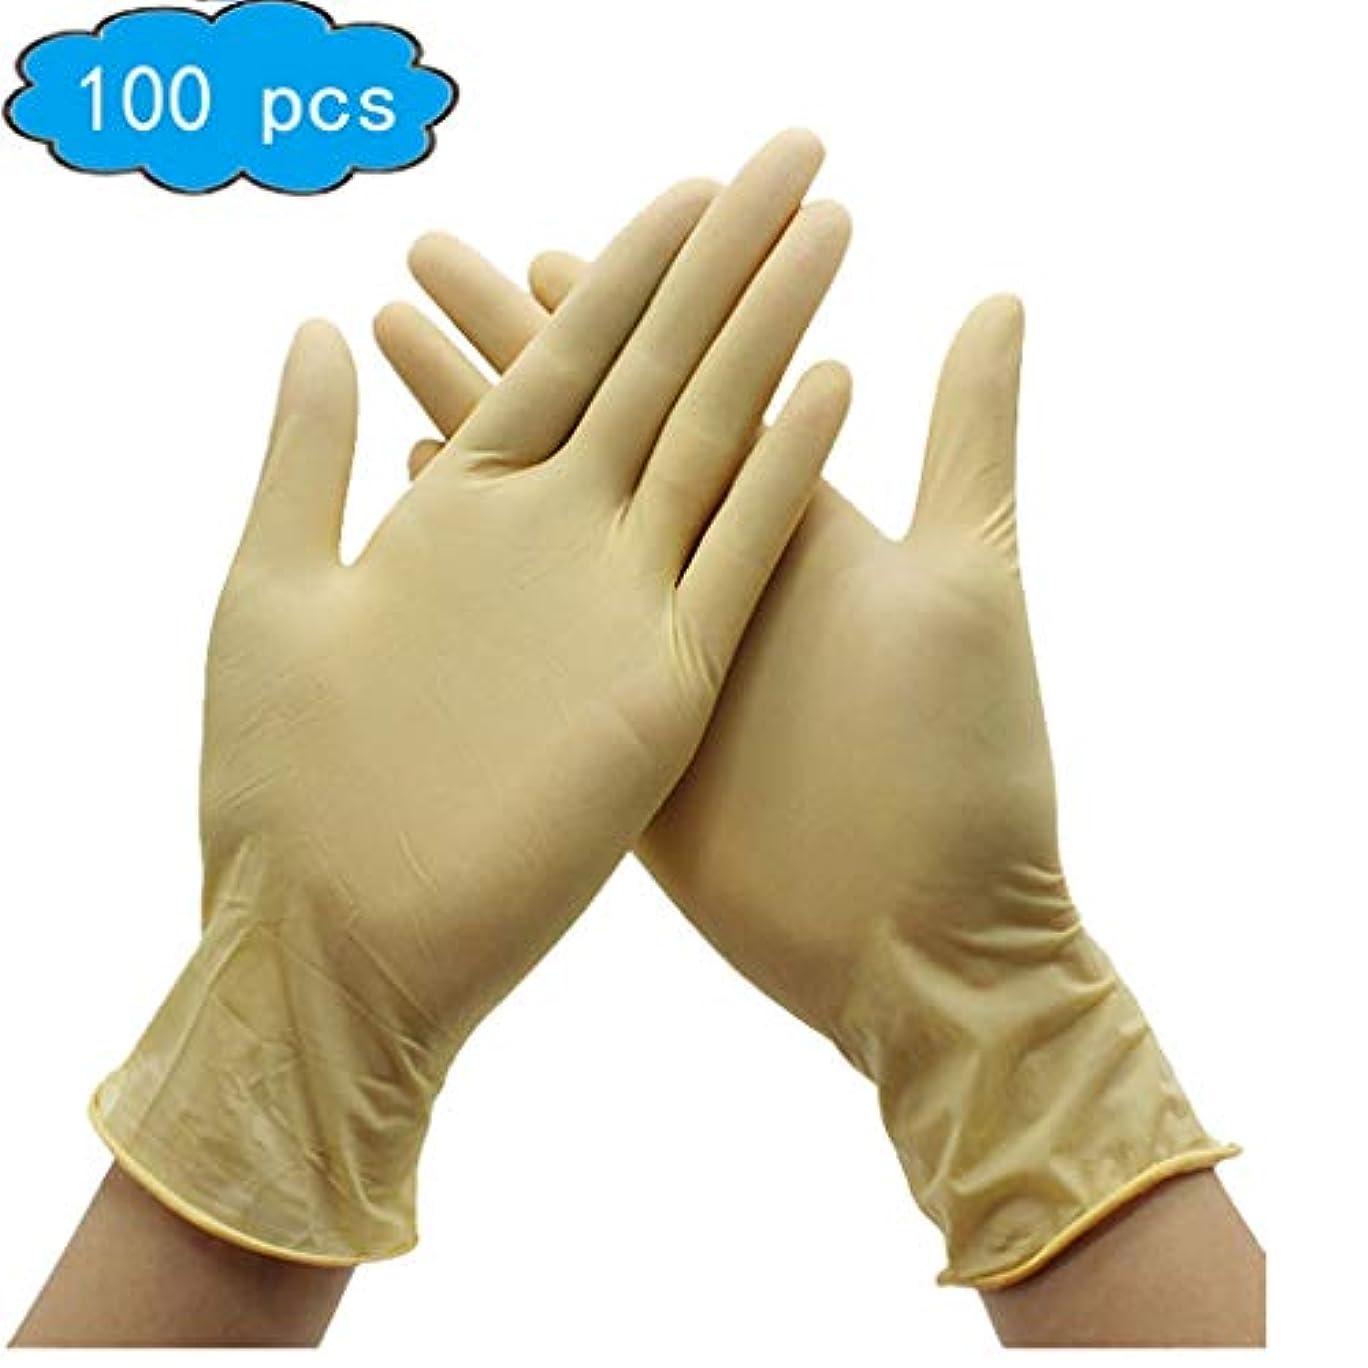 マサッチョバトル上にラテックス手袋、試験/食品グレードの安全製品、使い捨て手袋および手袋Dispensers 100psc、衛生手袋、健康、家庭用ベビーケア (Color : Beige, Size : L)